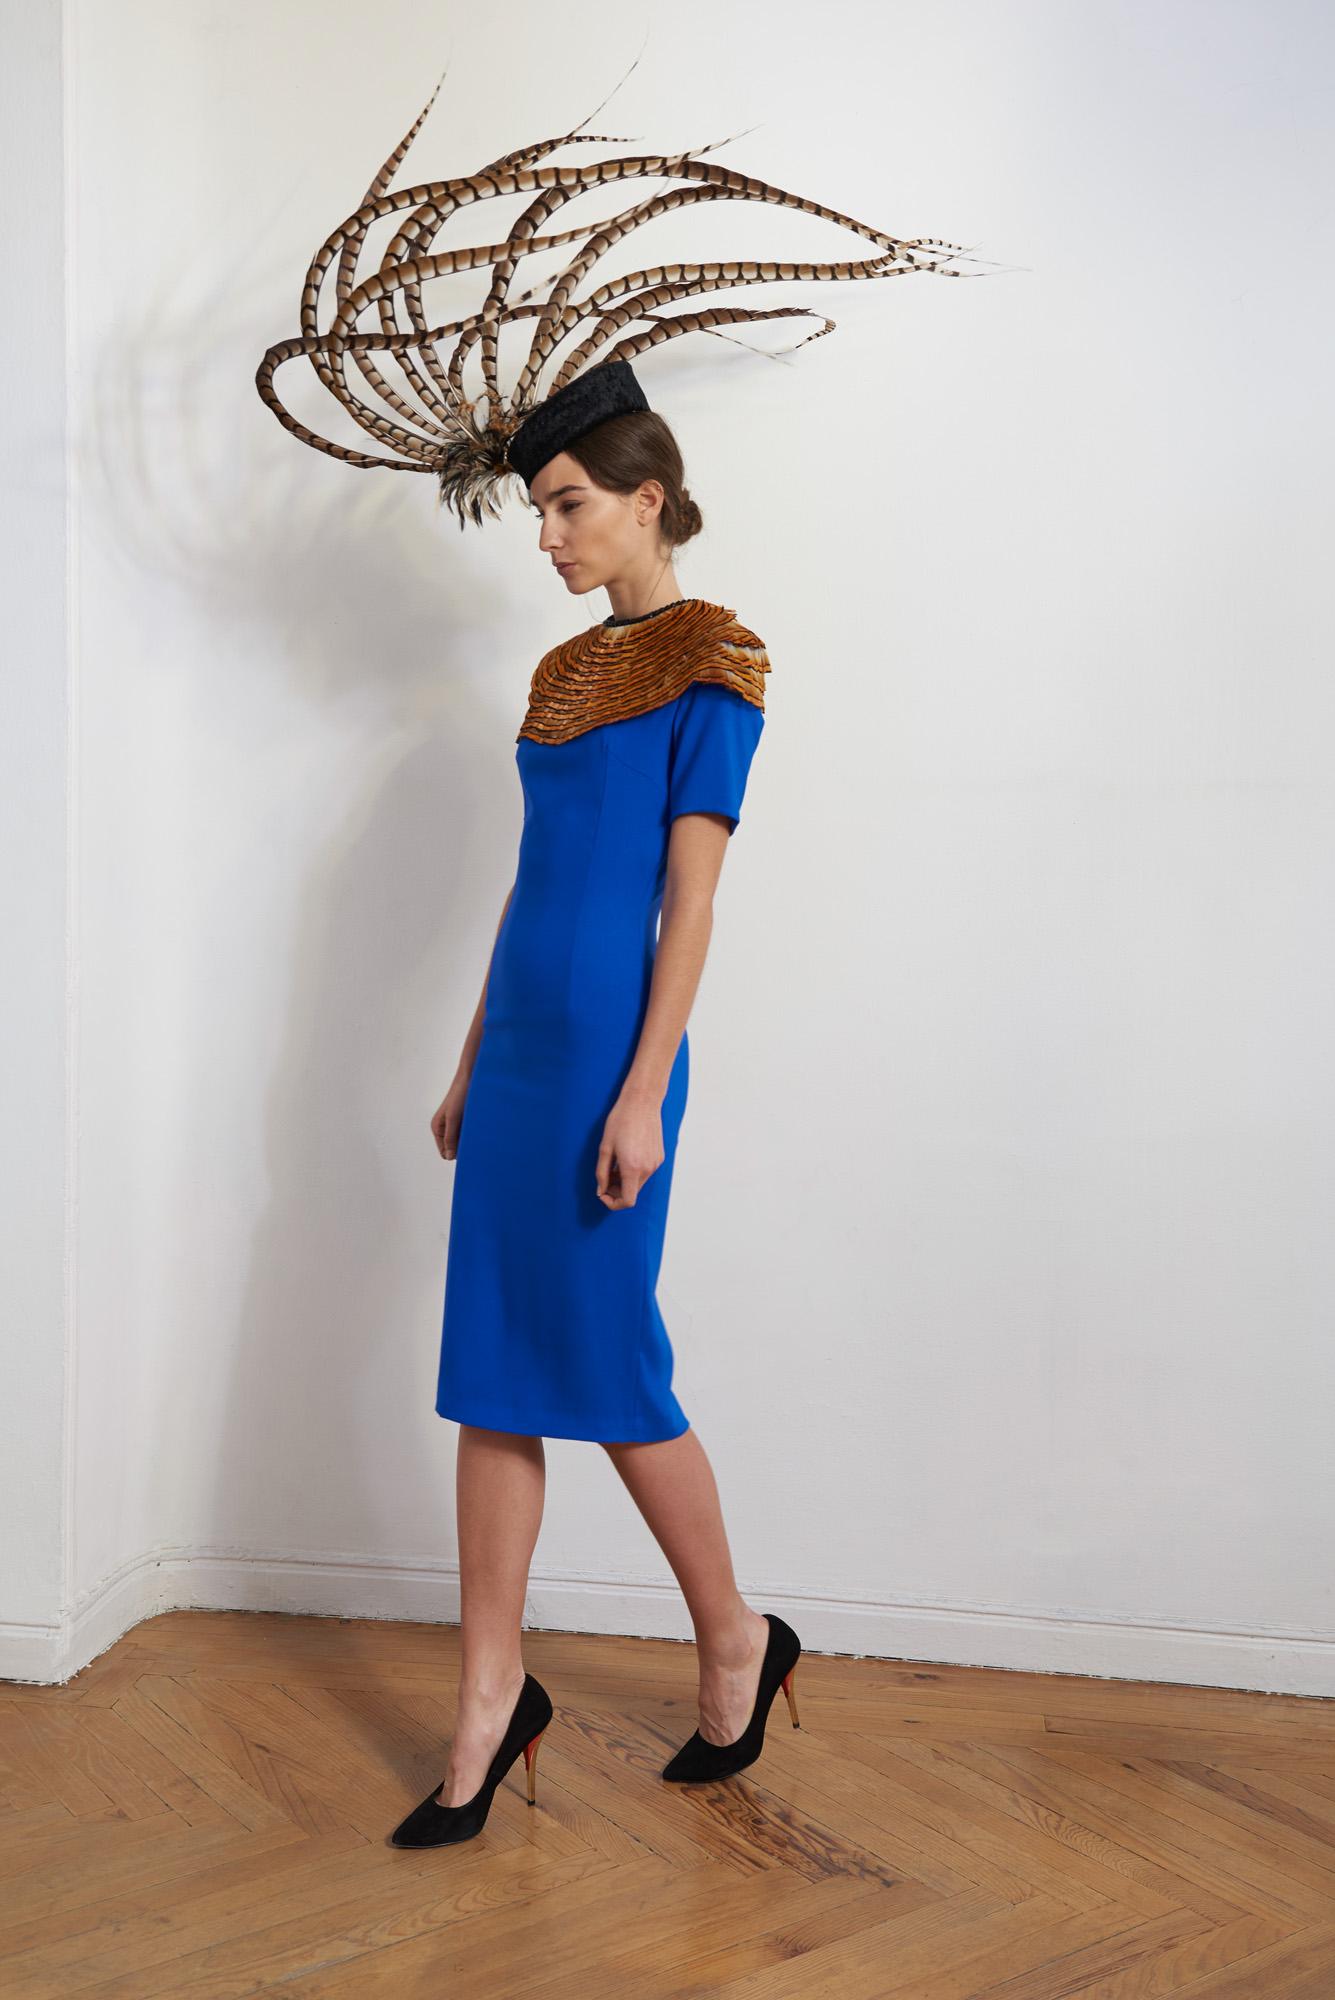 La colección es íntegramente de mujer y está compuesta por veintiocho looks